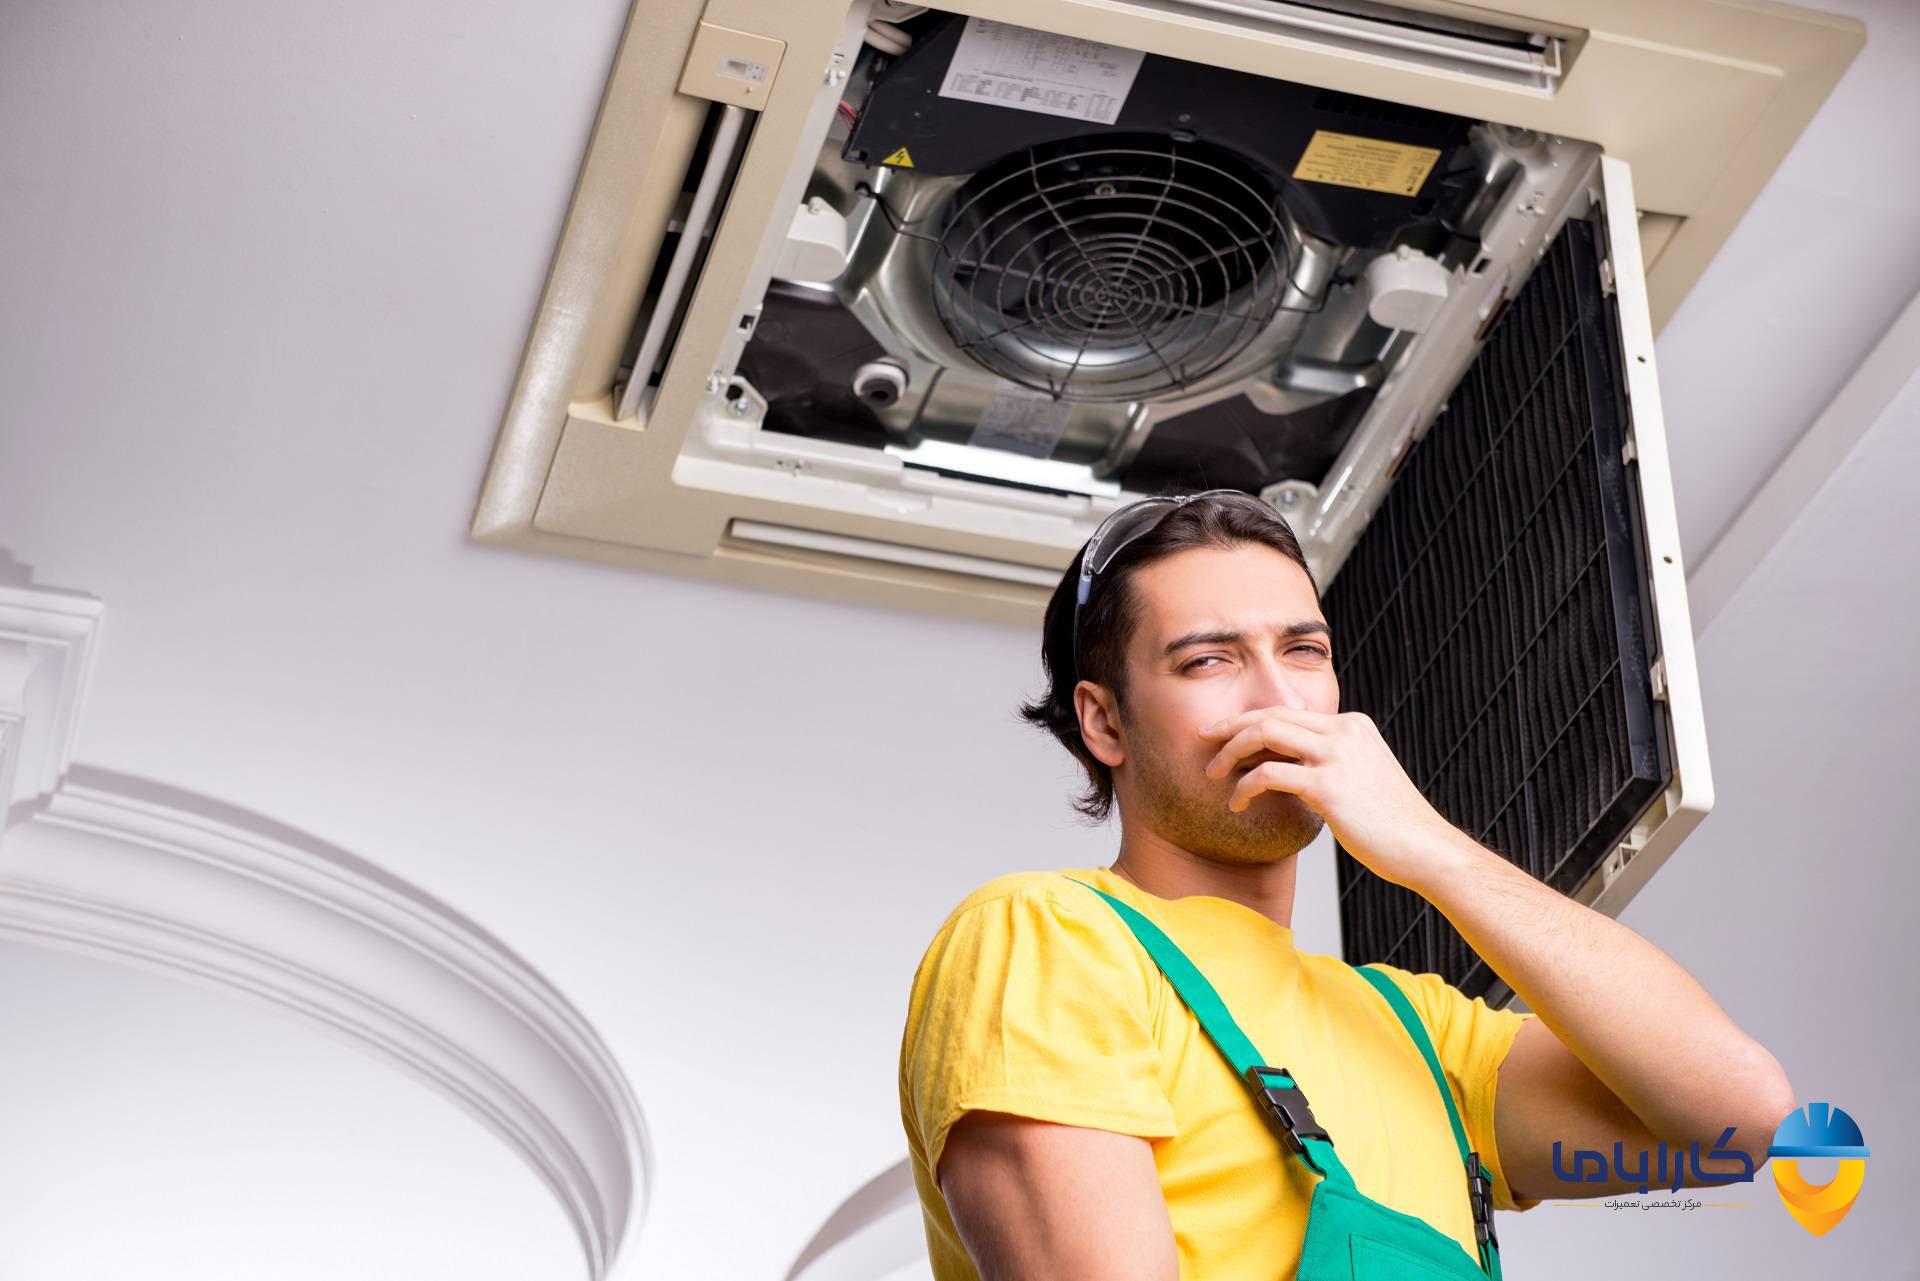 علت بوی بد کولر گازی